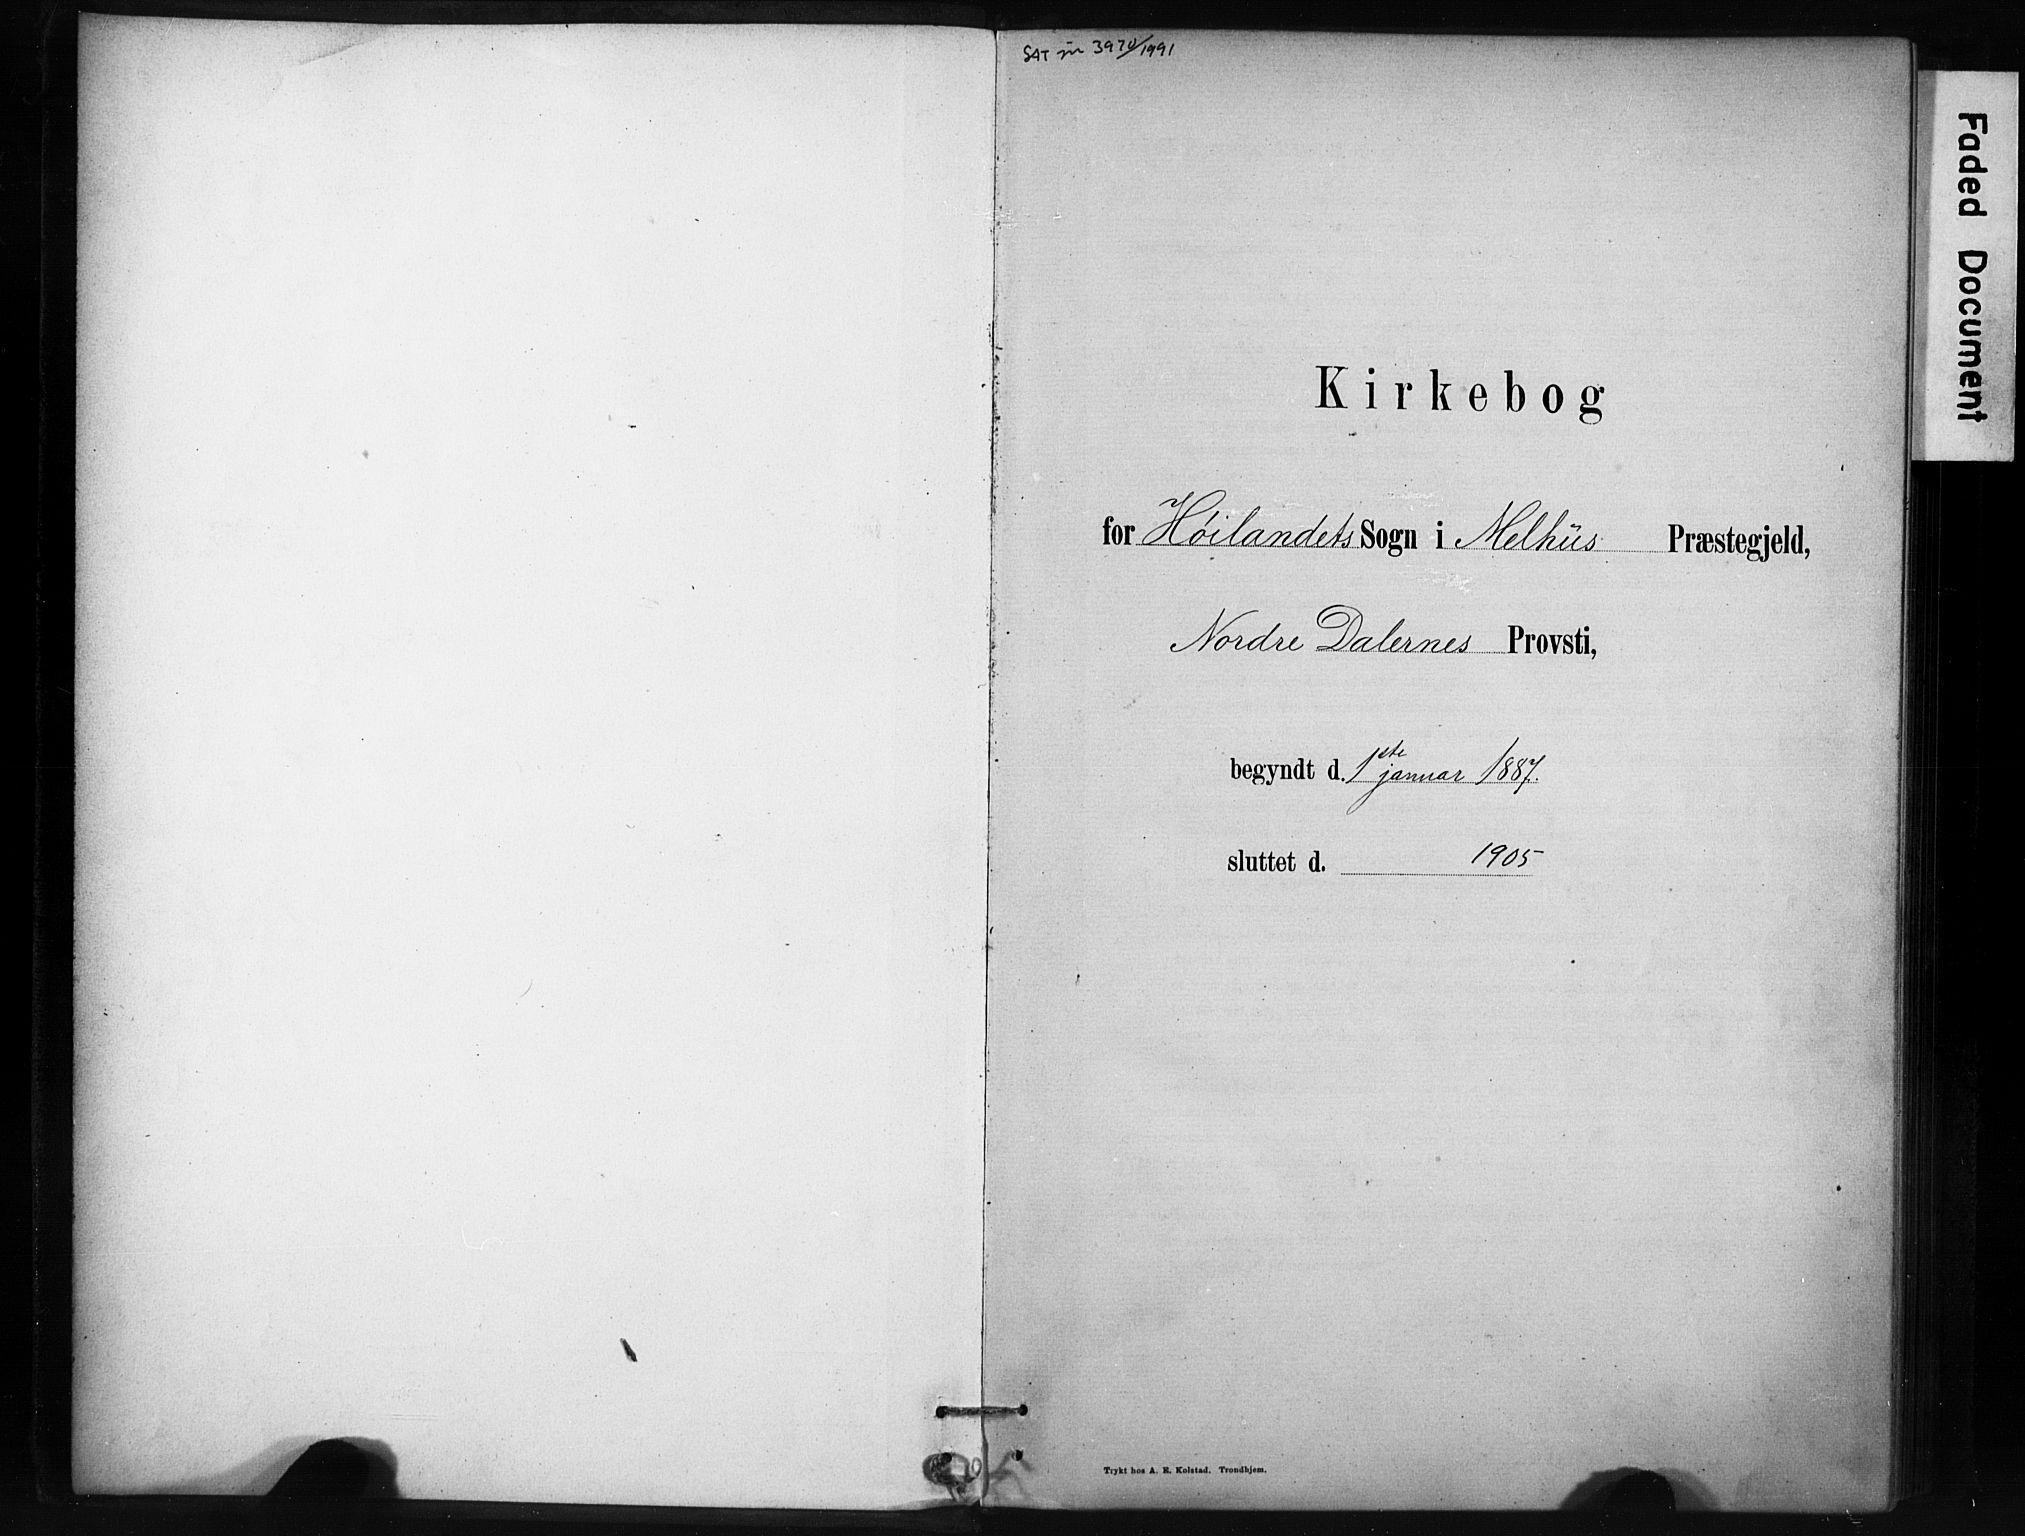 SAT, Ministerialprotokoller, klokkerbøker og fødselsregistre - Sør-Trøndelag, 694/L1127: Ministerialbok nr. 694A01, 1887-1905